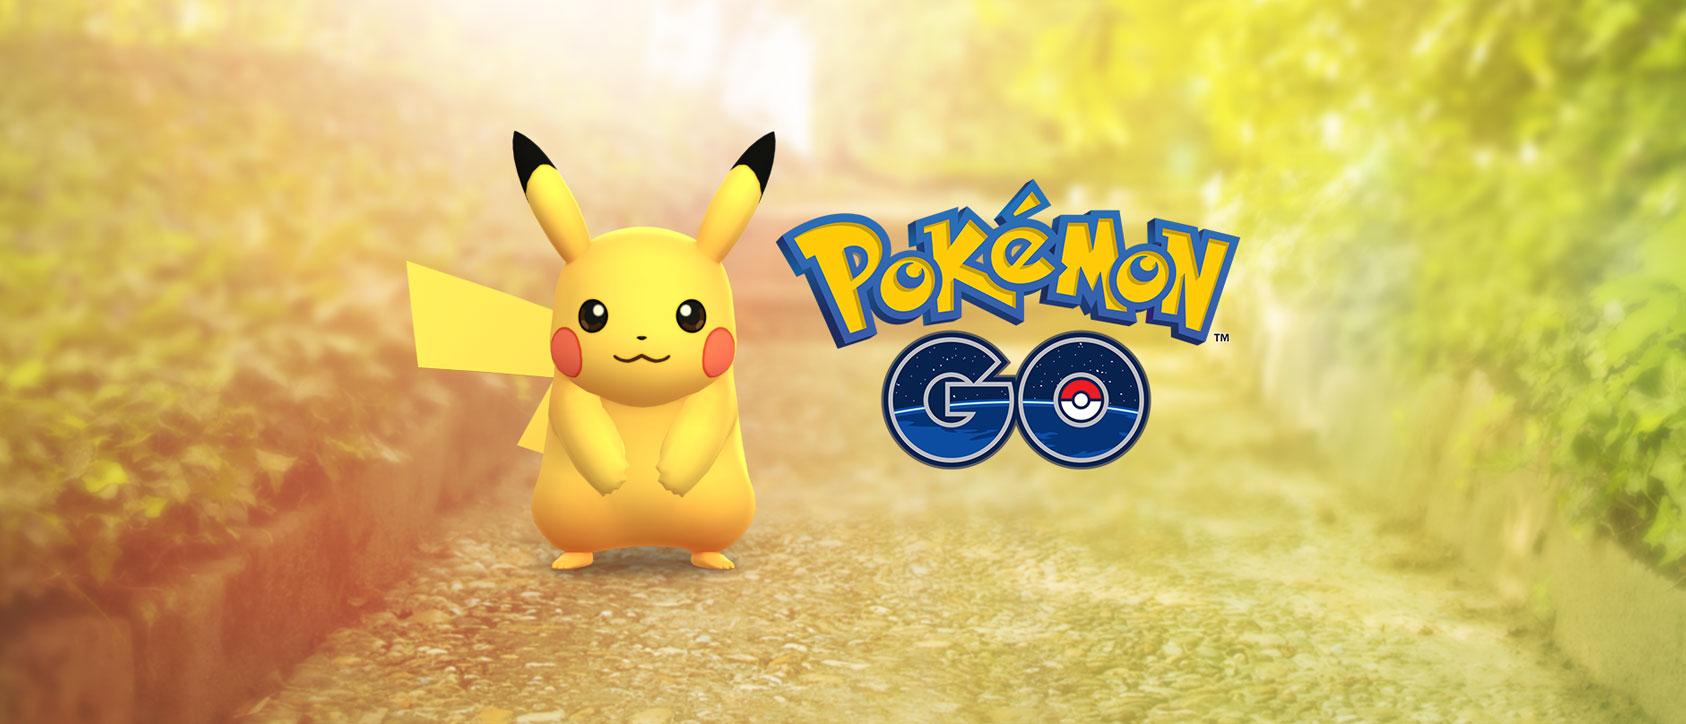 Pokemon Go: Neuer Code für 10 Ultra Balls + 10 Max Potions + 1 Sinnoh Stone (iOS/Android) gültig bis 27.7.